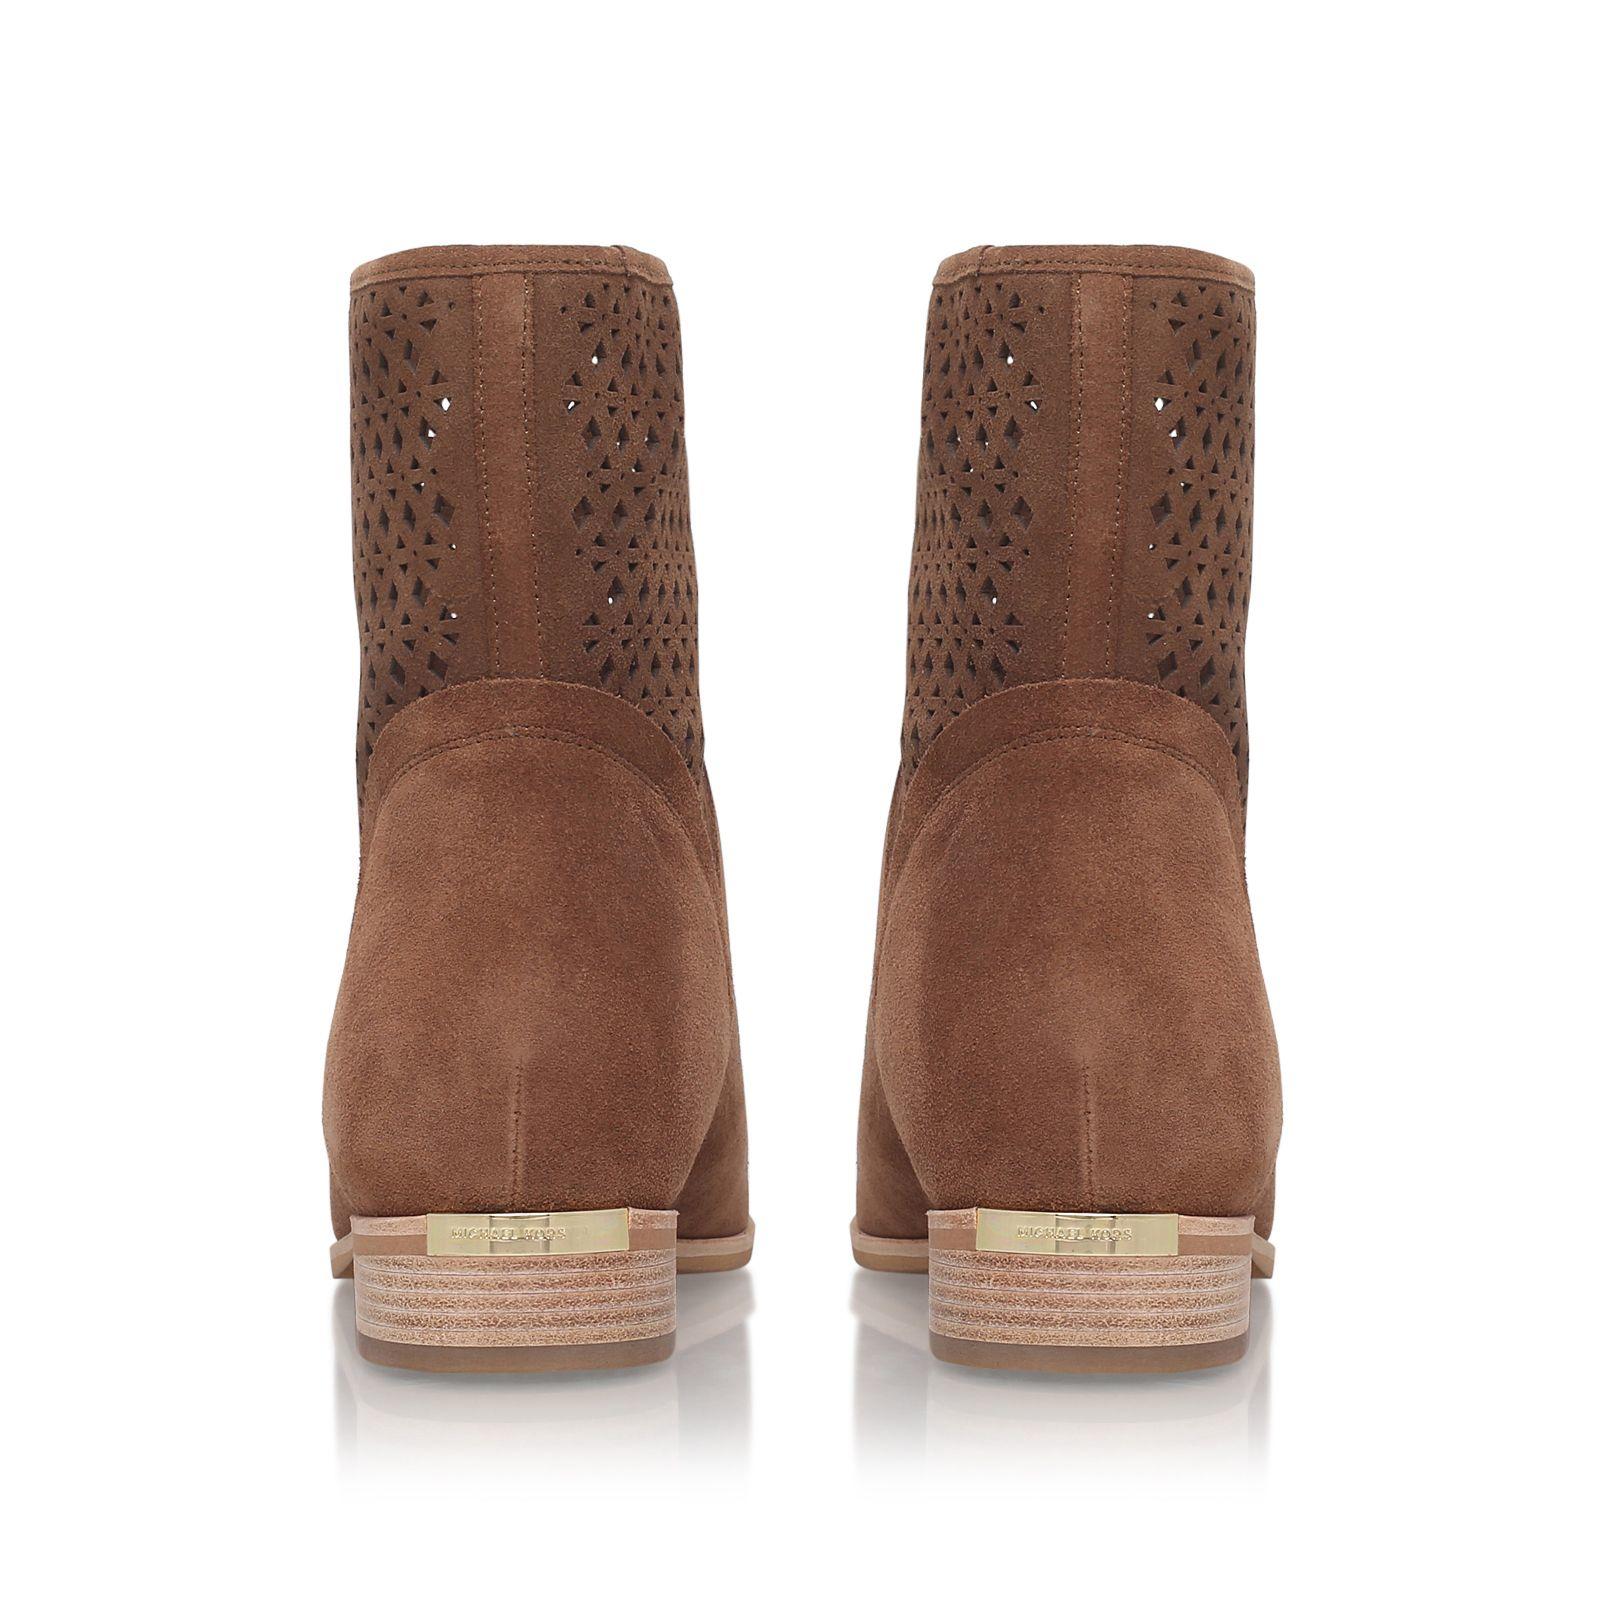 Michael Kors Leather Sunny Low Heel Biker Boots in Brown